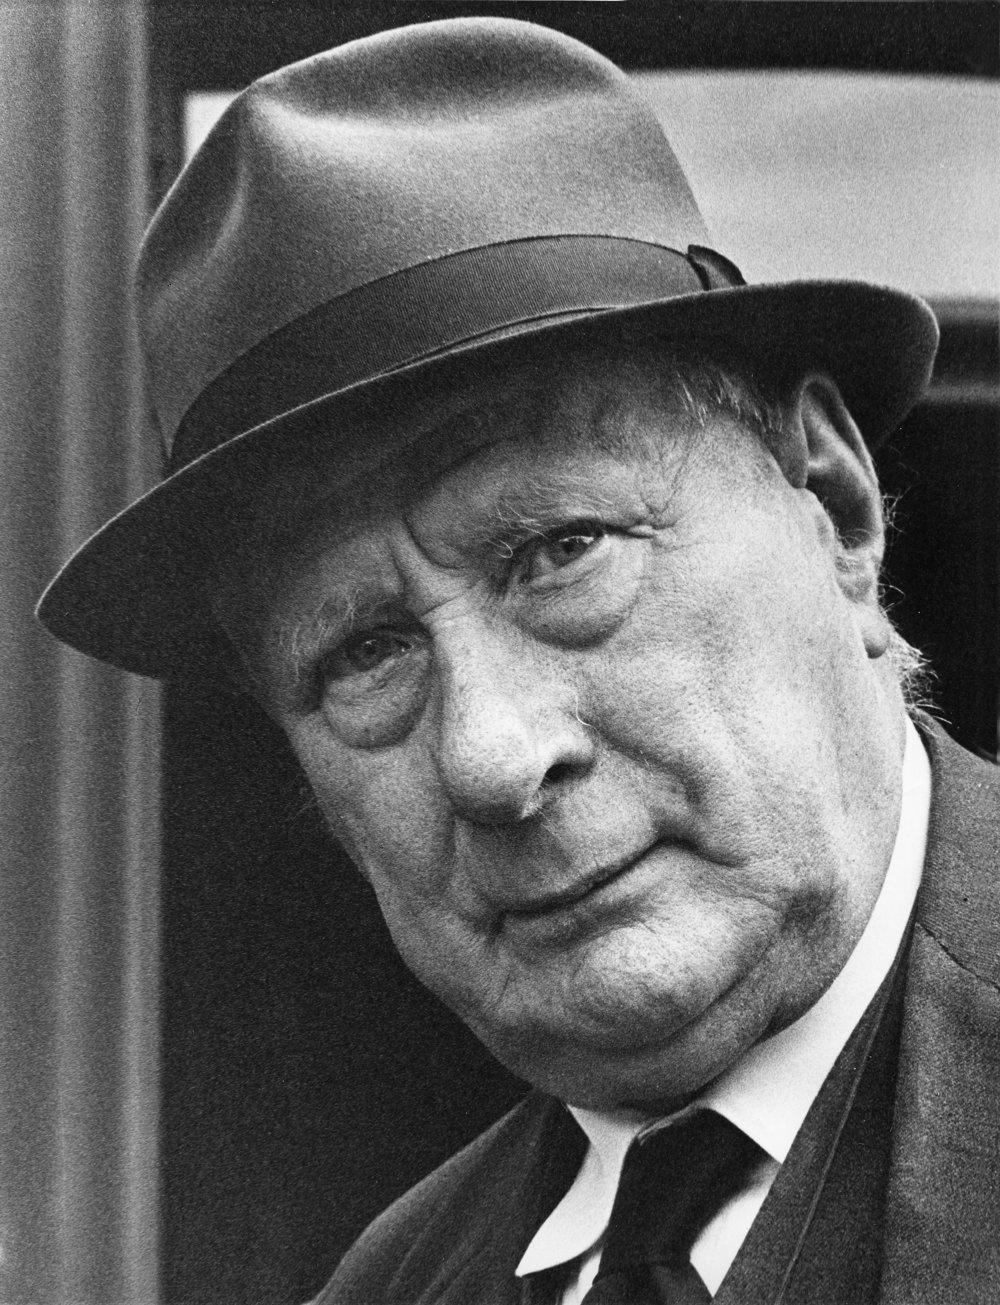 Lowry portrait